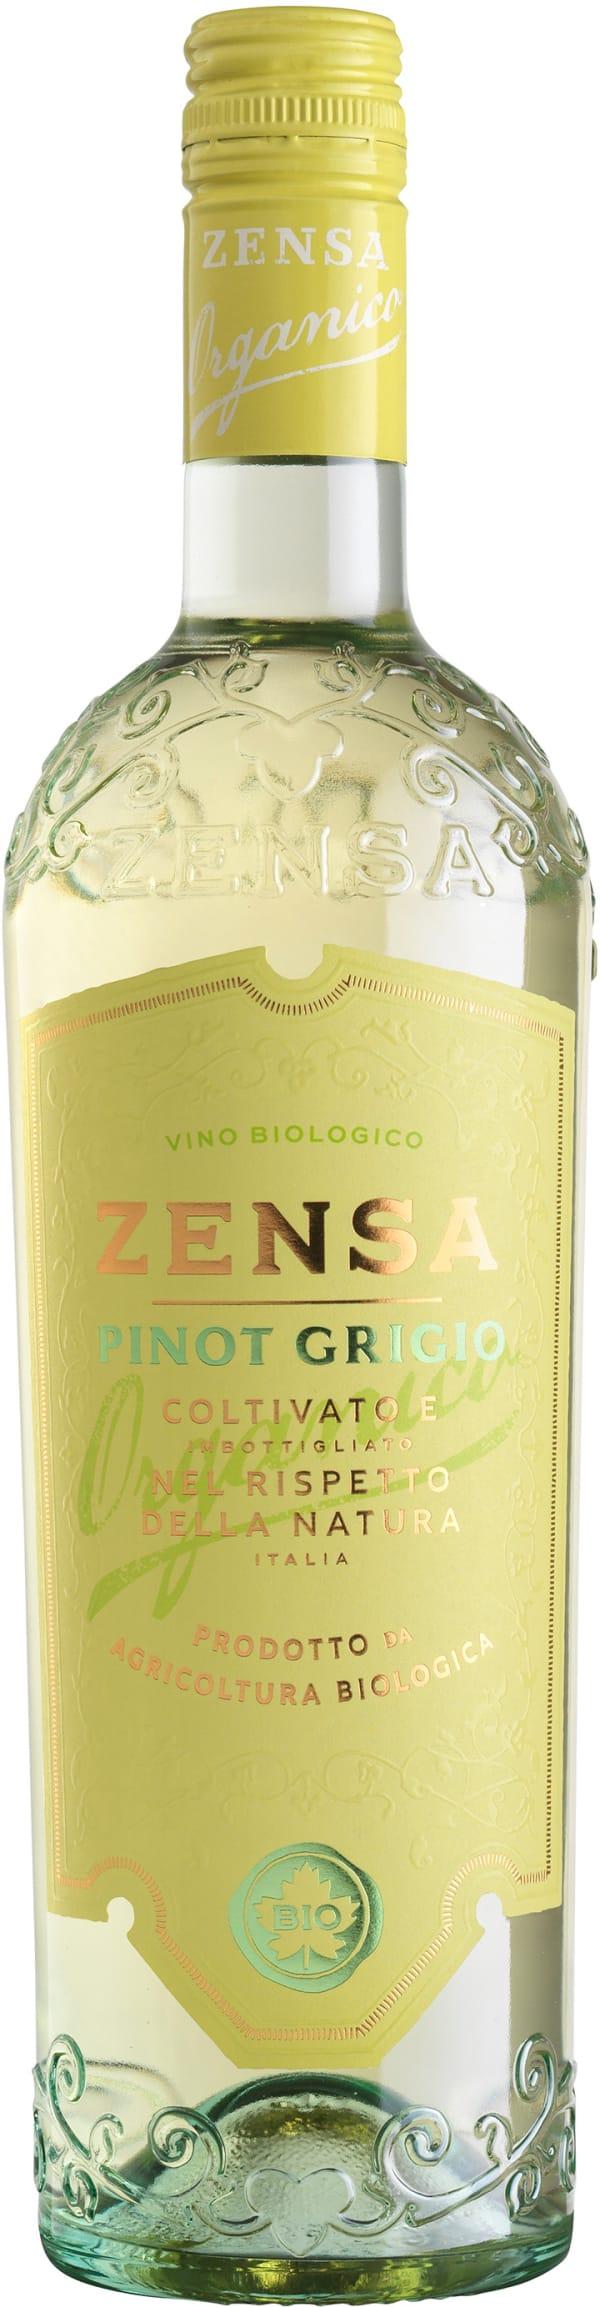 Zensa Pinot Grigio Organico 2019